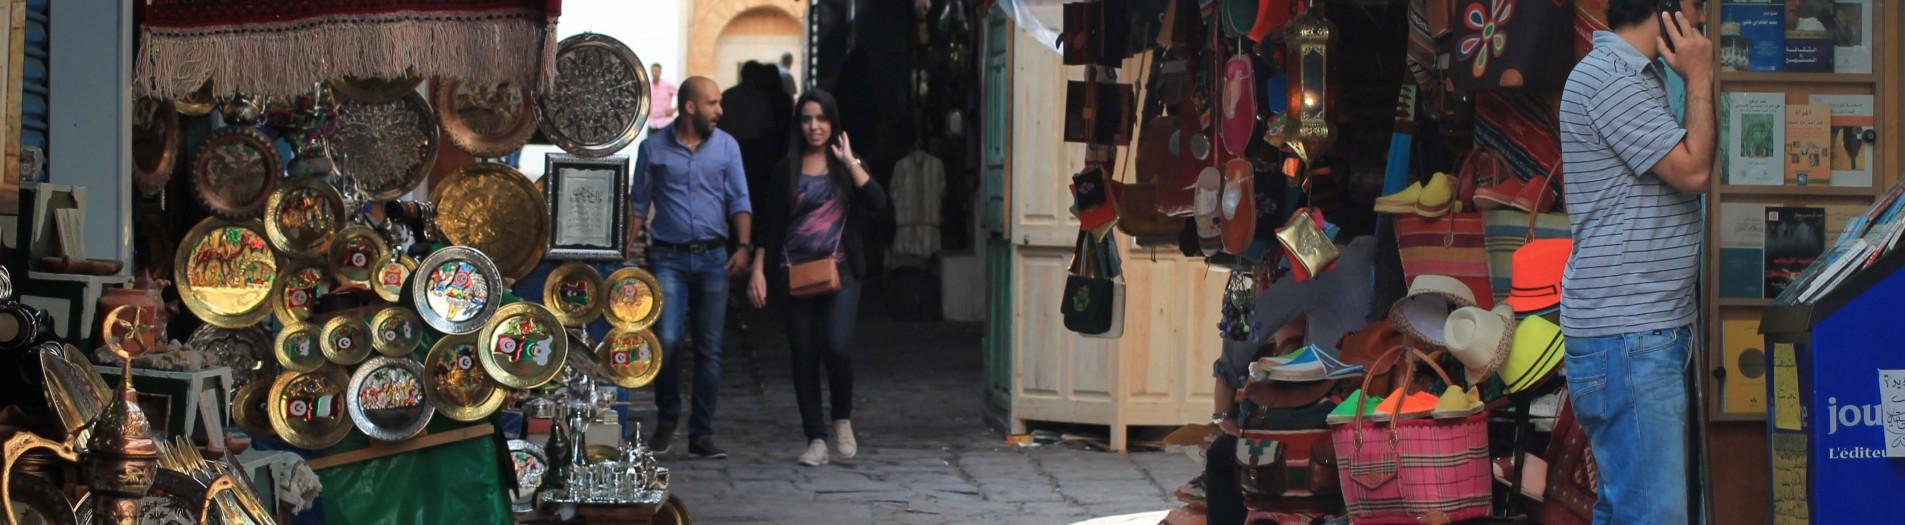 أسواق مدينة تونس